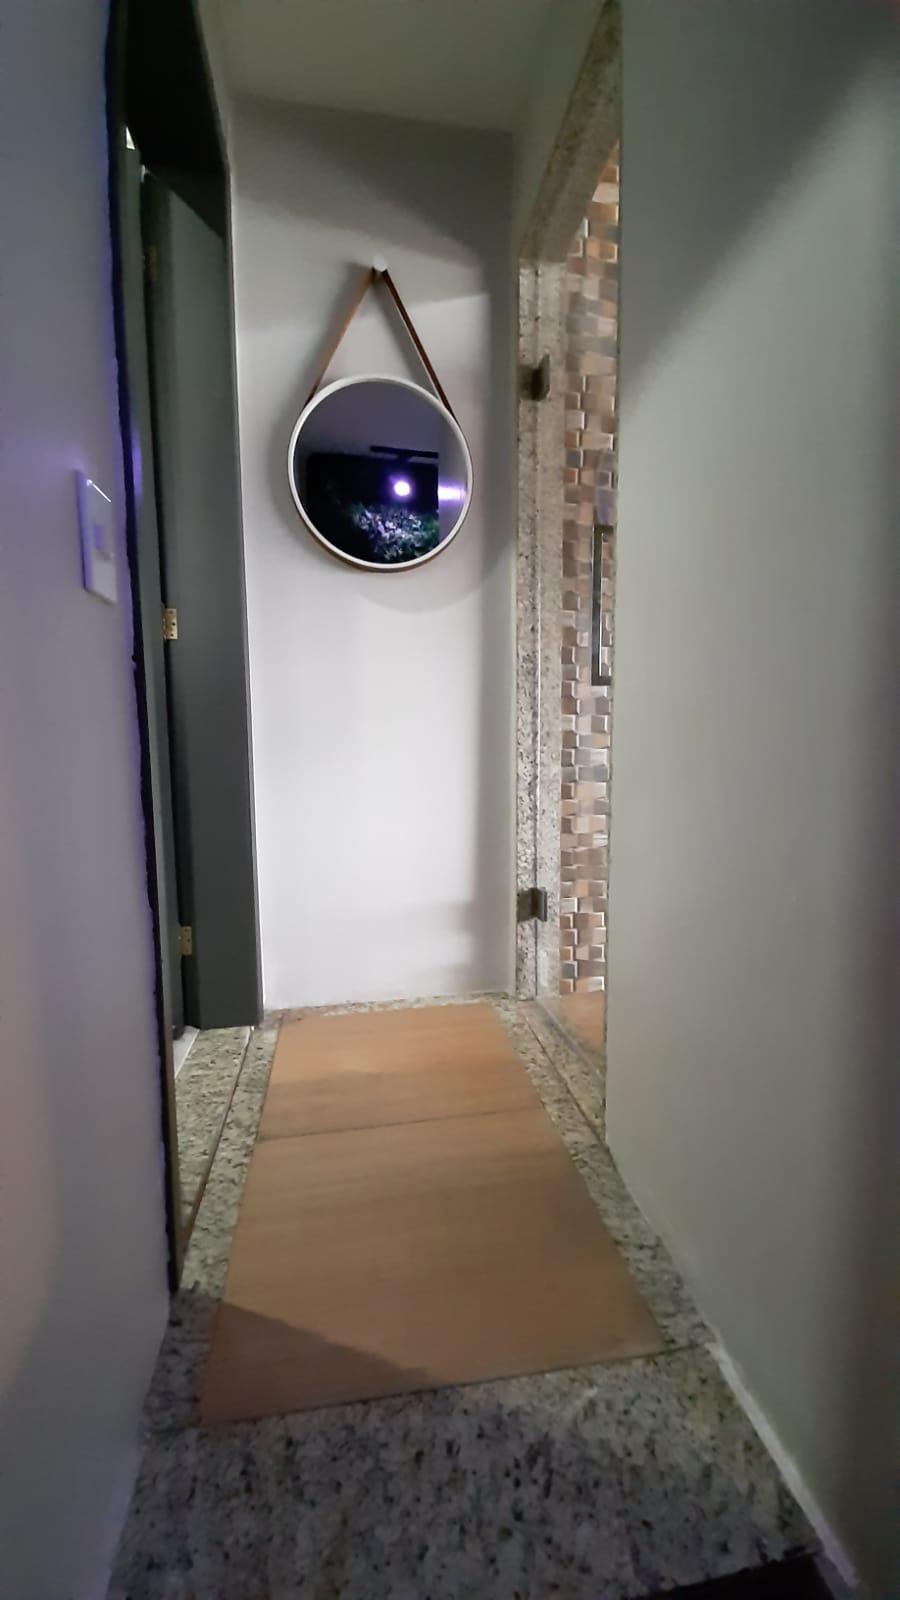 FOTO 10 - Cobertura 3 quartos à venda Rio de Janeiro,RJ - R$ 600.000 - CO00025 - 11